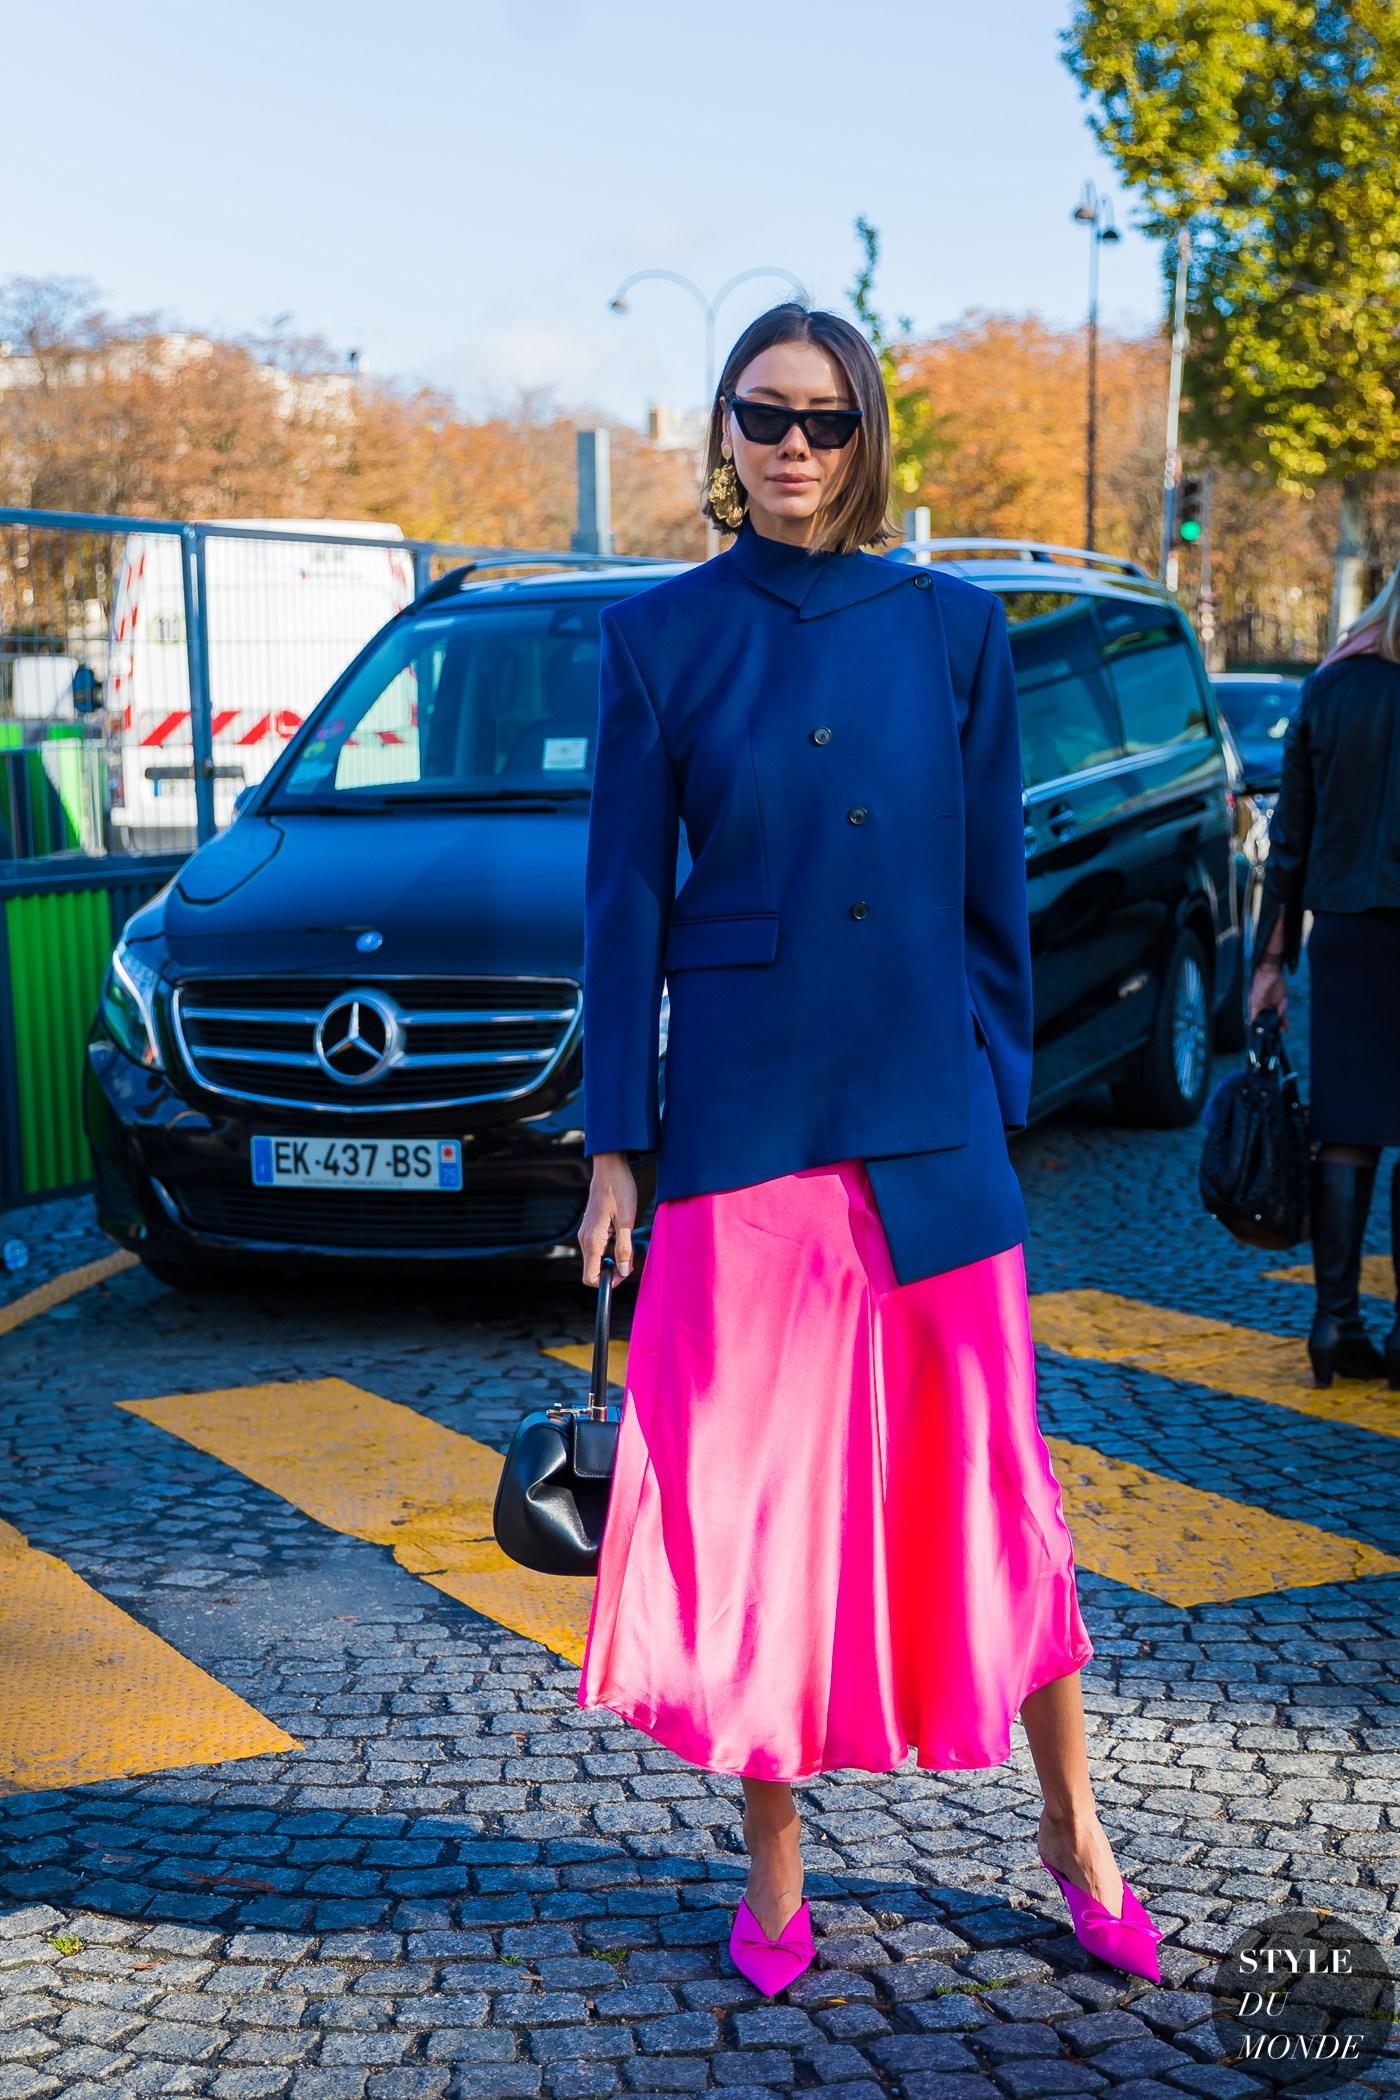 phối trang phục xanh navy với gam màu hồng